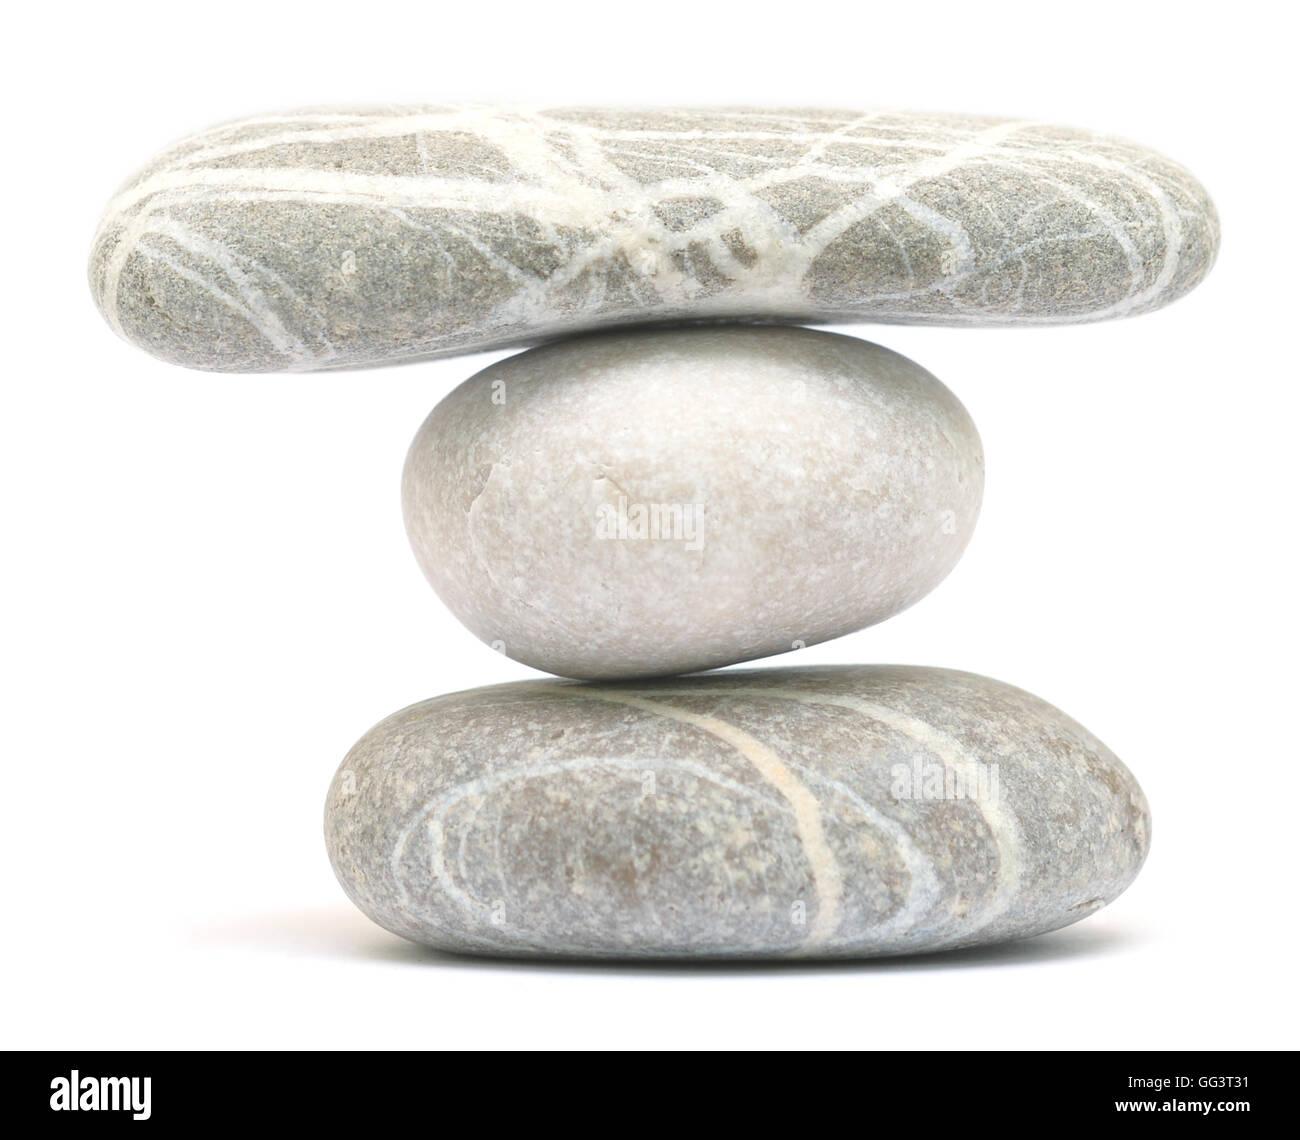 balancing stone tower isolated on white background - Stock Image